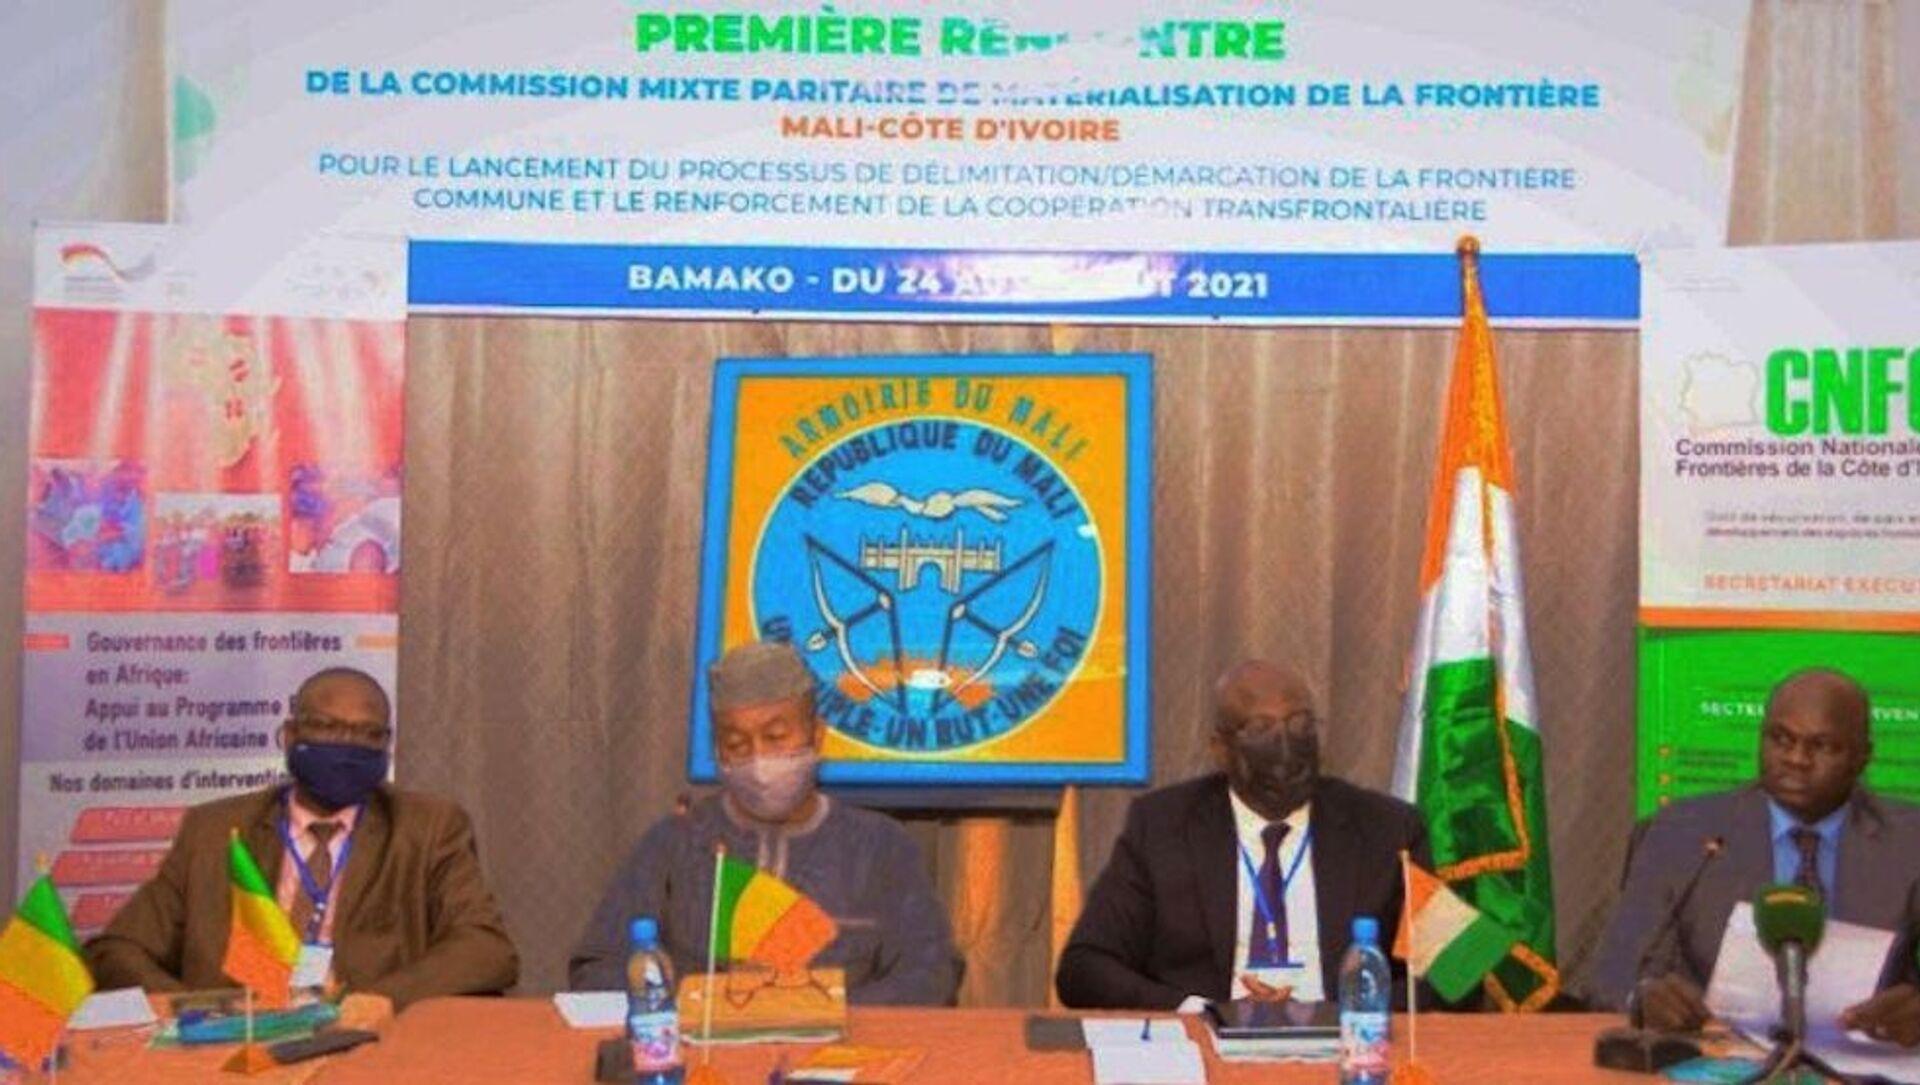 La Côte d'Ivoire et le Mali lancent le processus de matérialisation de leurs frontières communes - Sputnik France, 1920, 07.09.2021